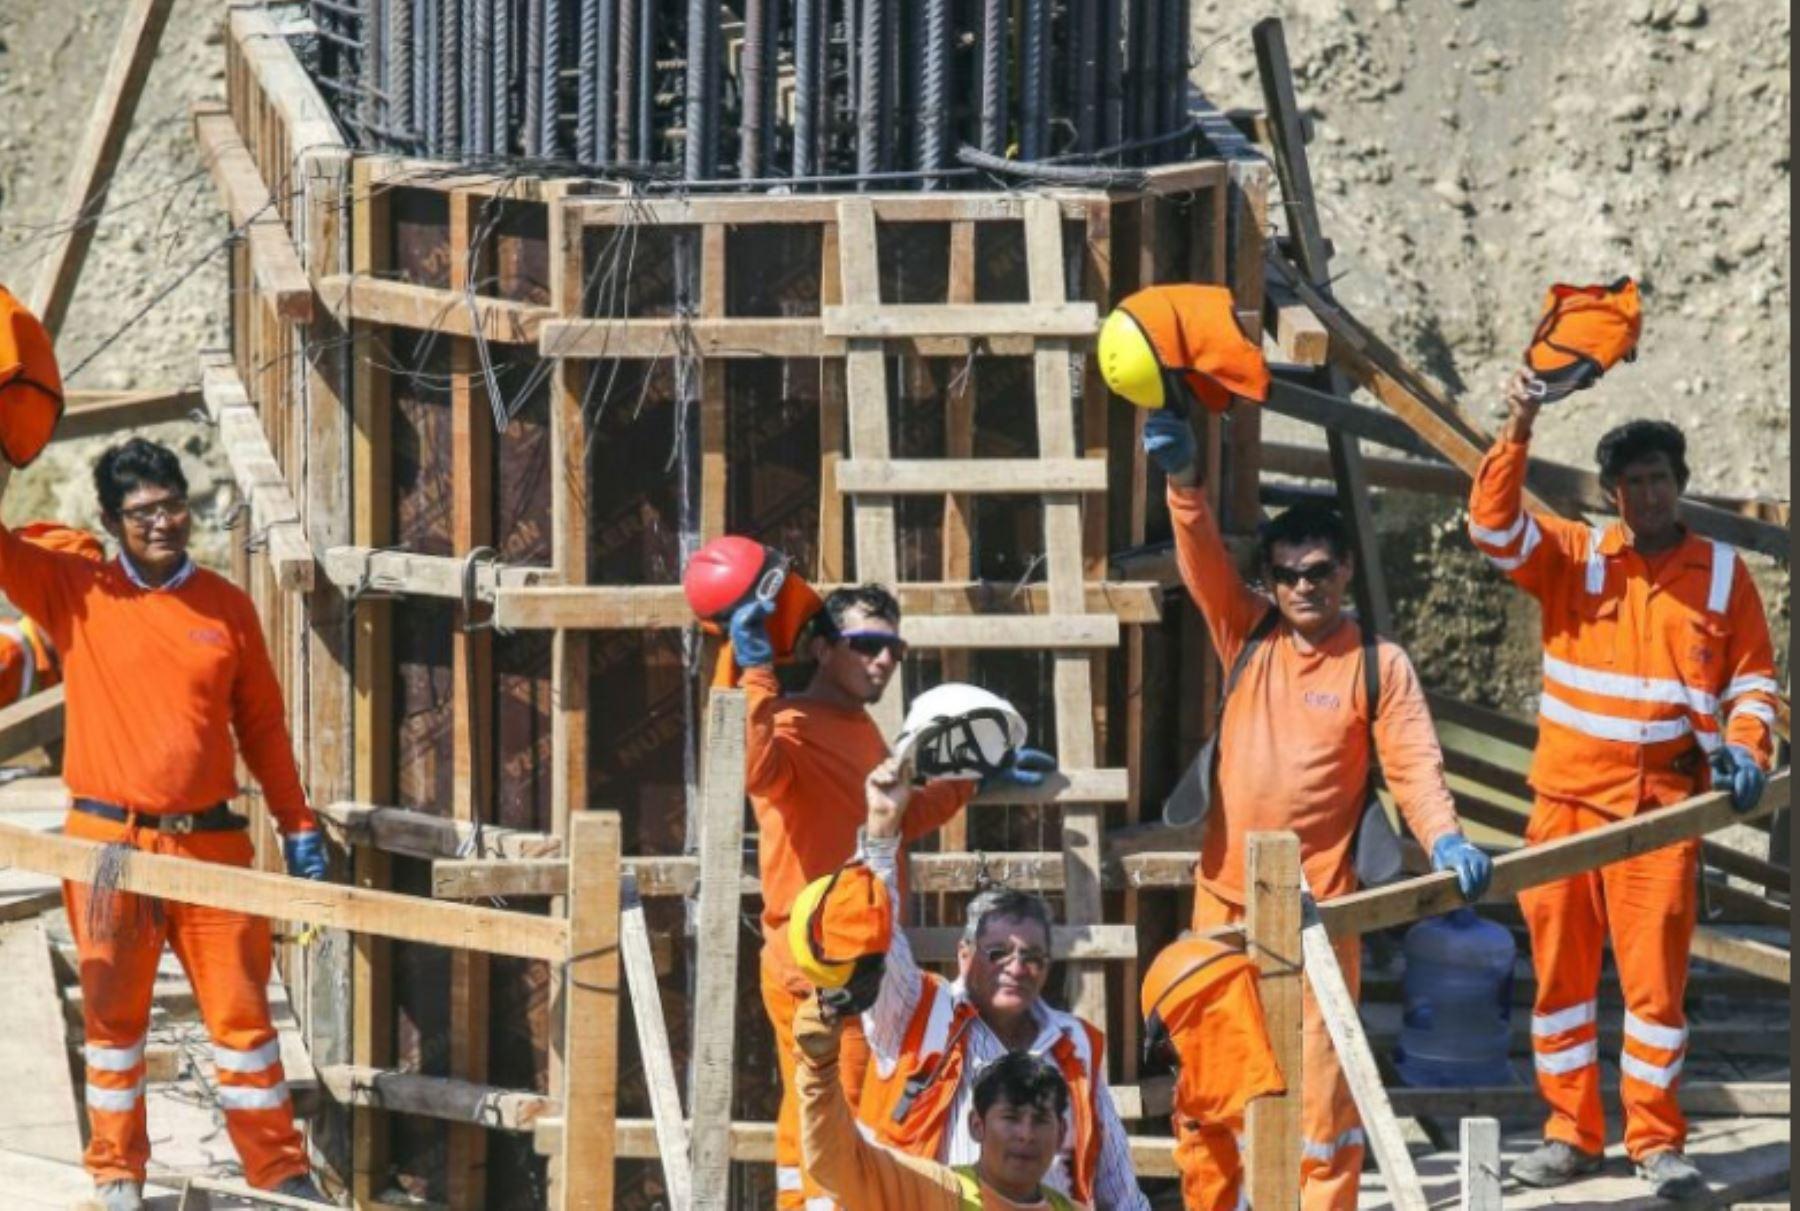 Avance de los trabajos en puente Venados, ubicado en el distrito de Lancones